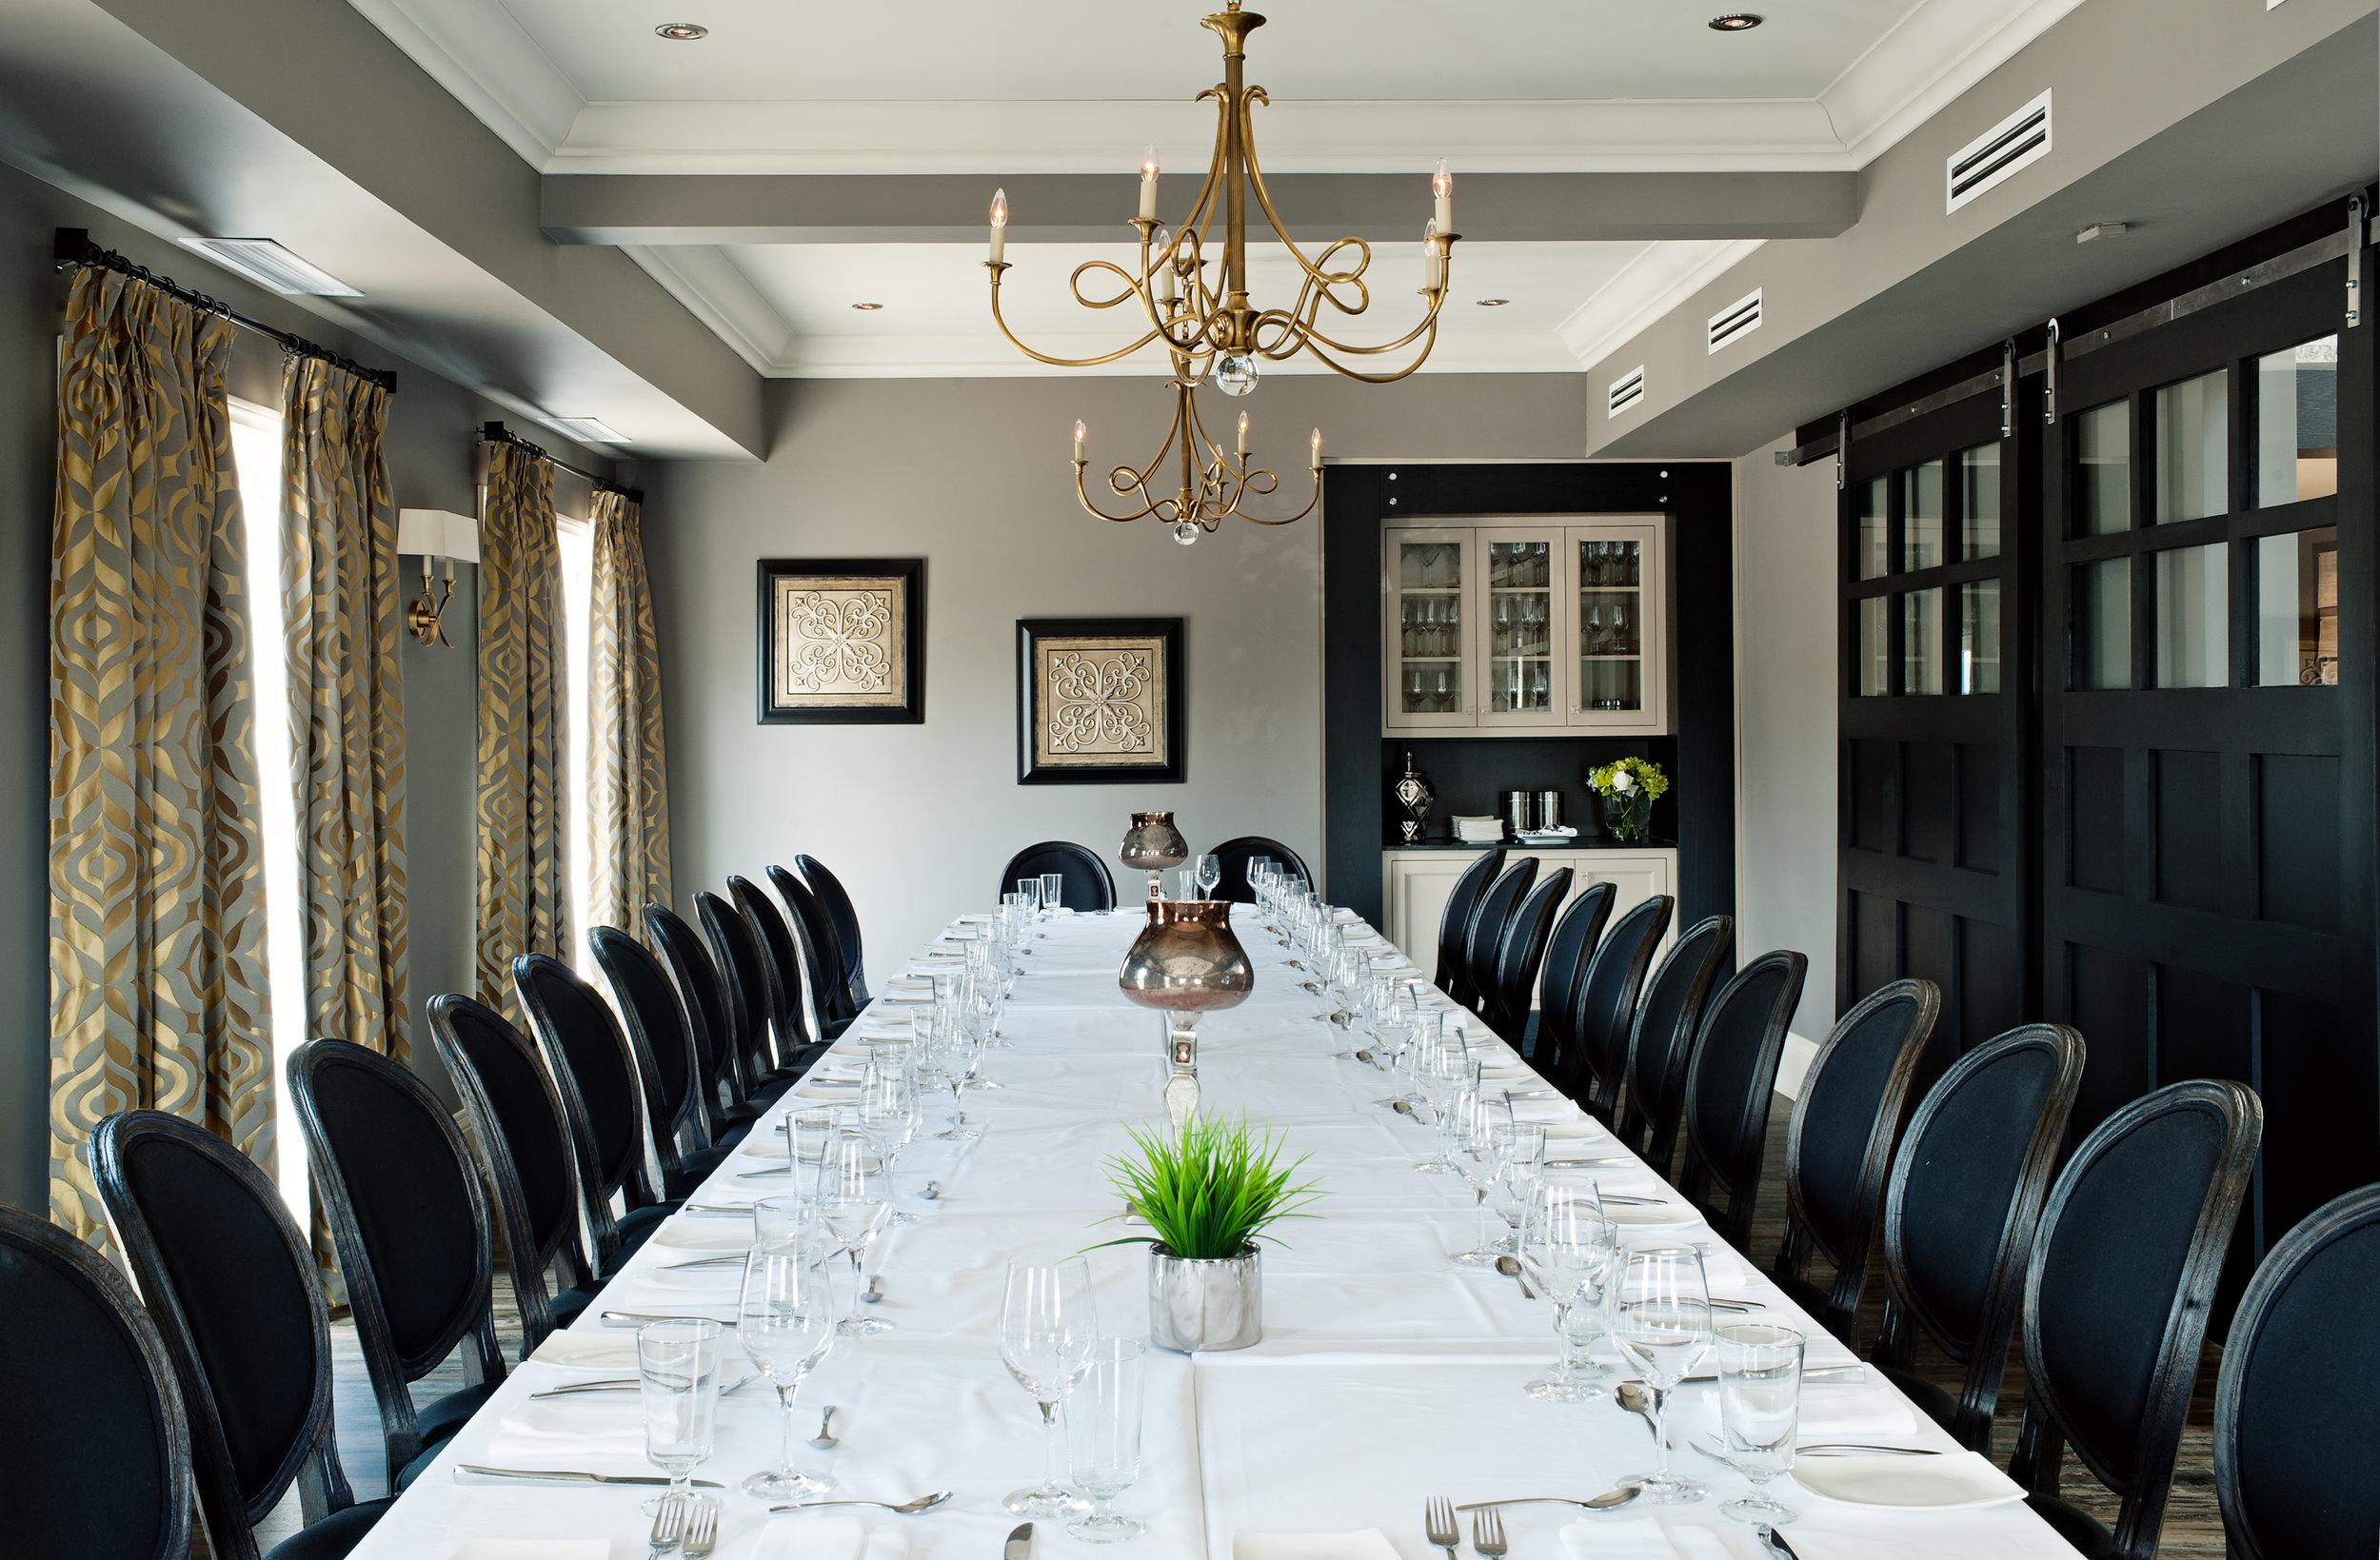 Restaurant Dining Room 3.jpg